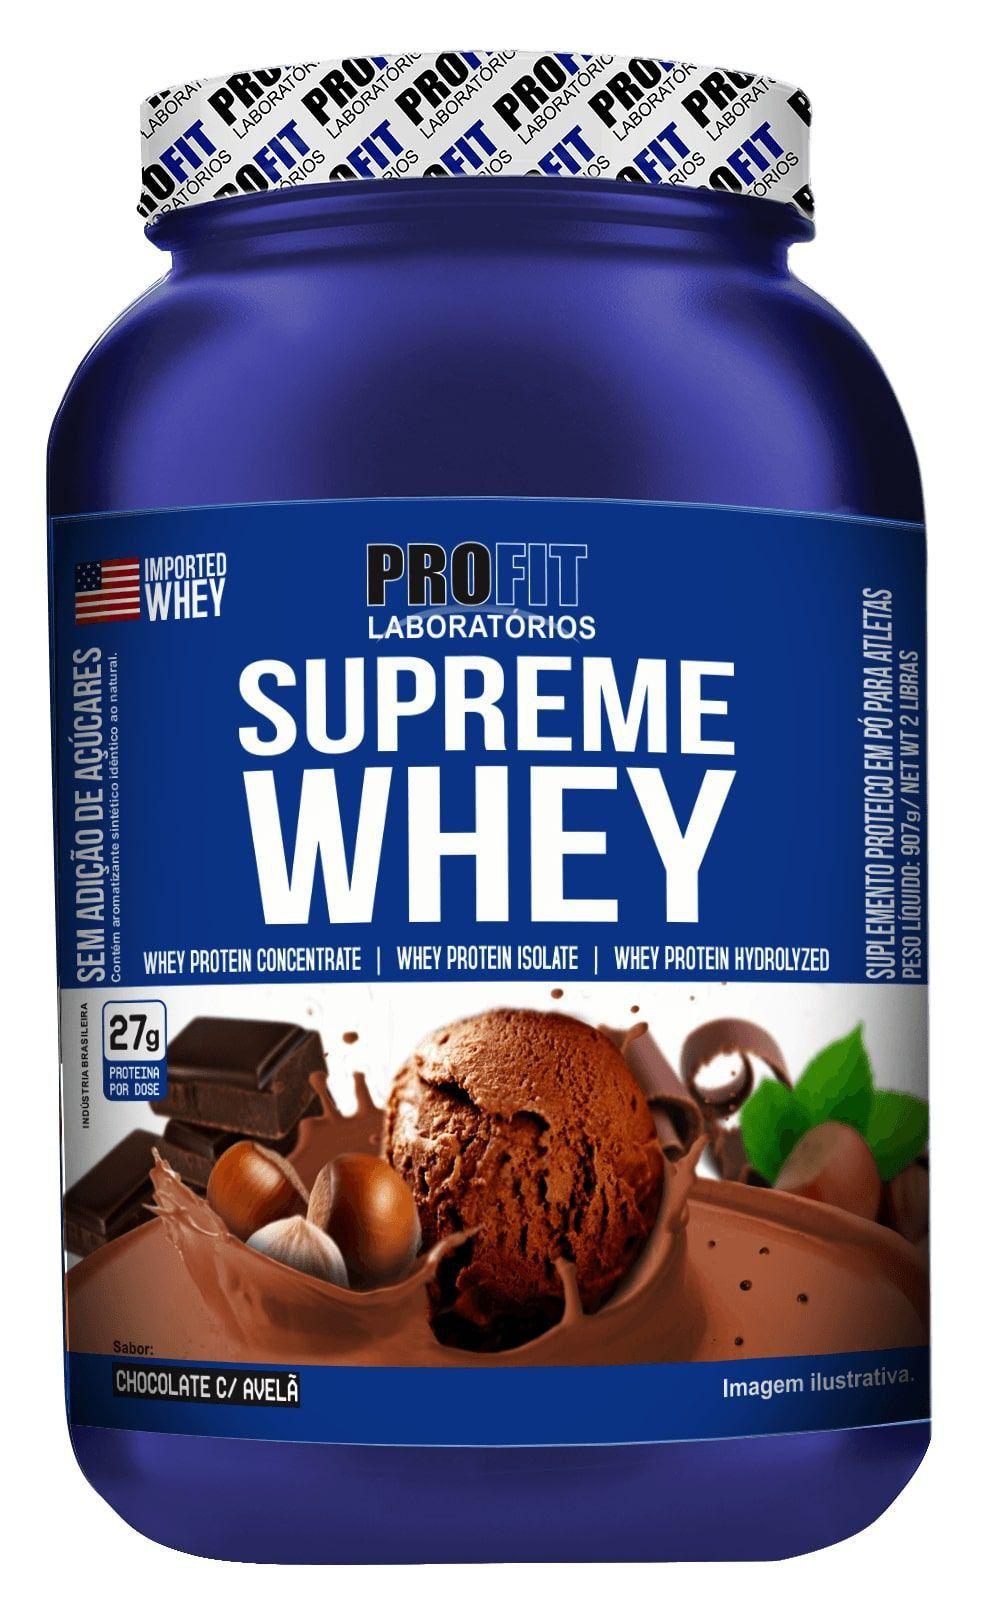 Proteina Whey Protein Supreme Whey 900g Profit